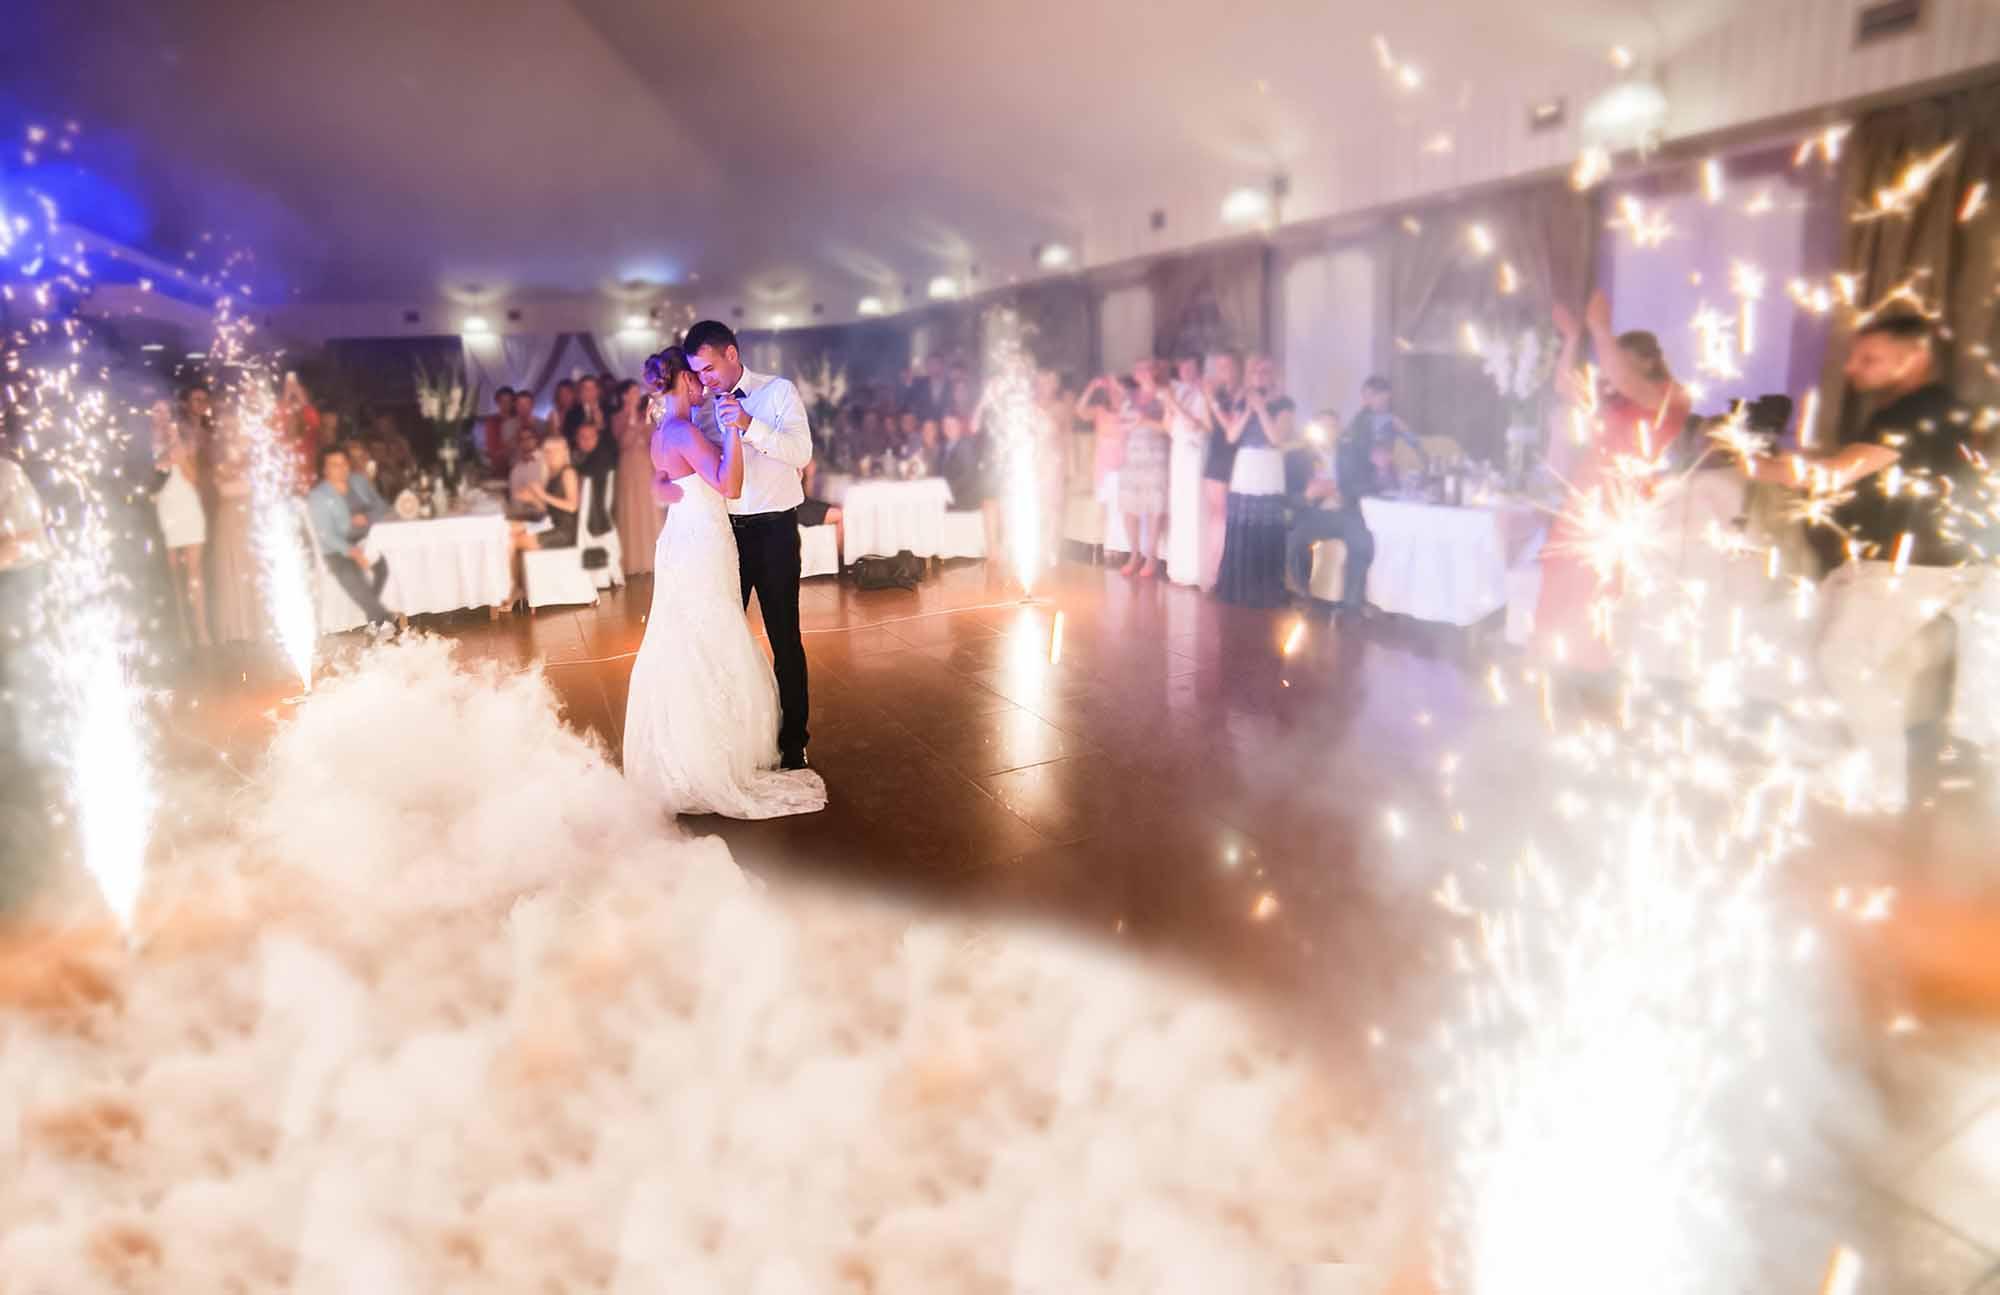 Bucks County Wedding DJ